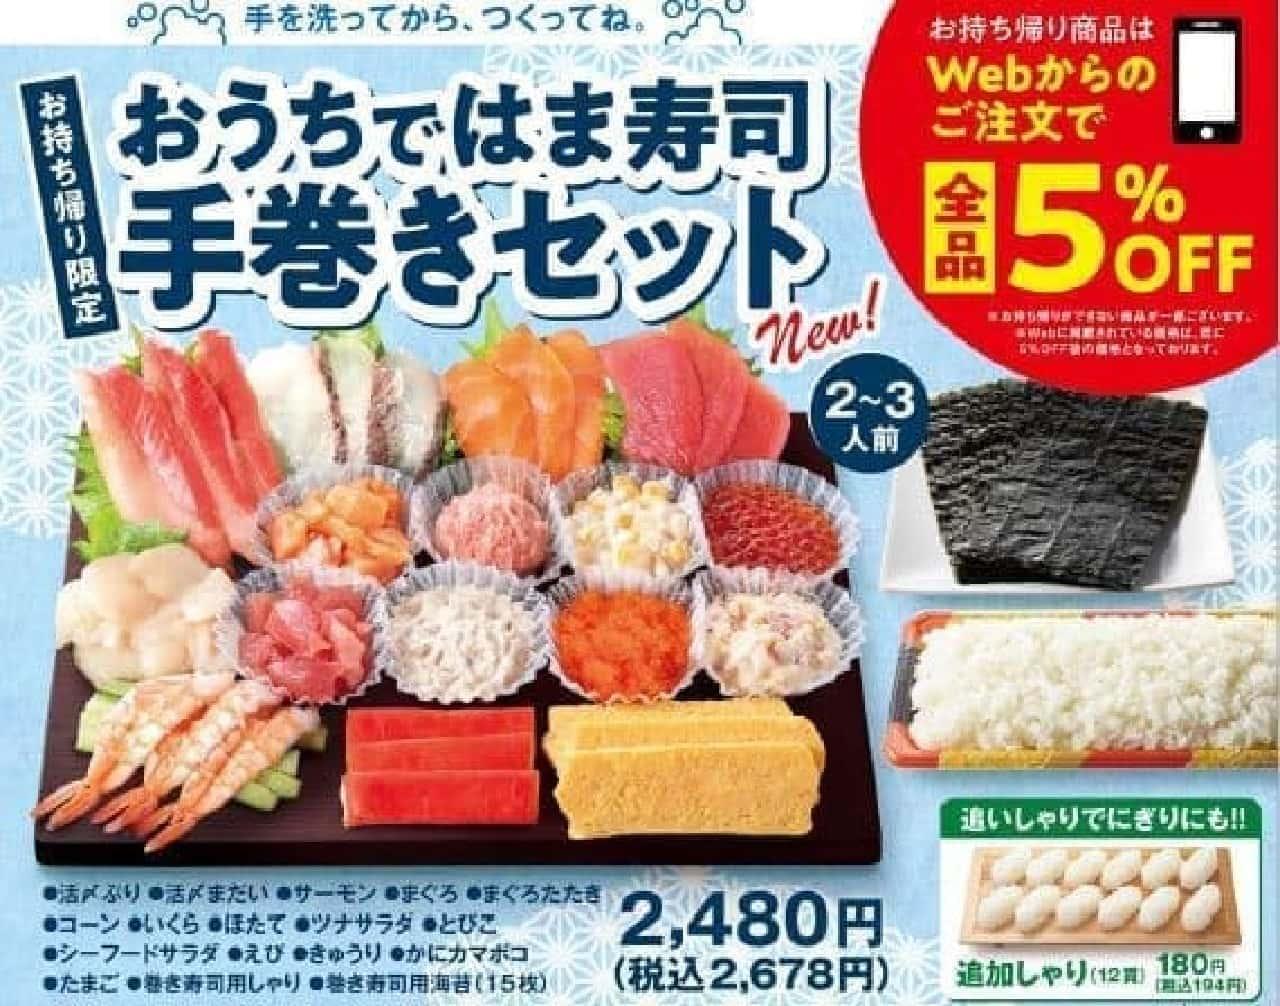 はま寿司「おうちではま寿司手巻きセット」